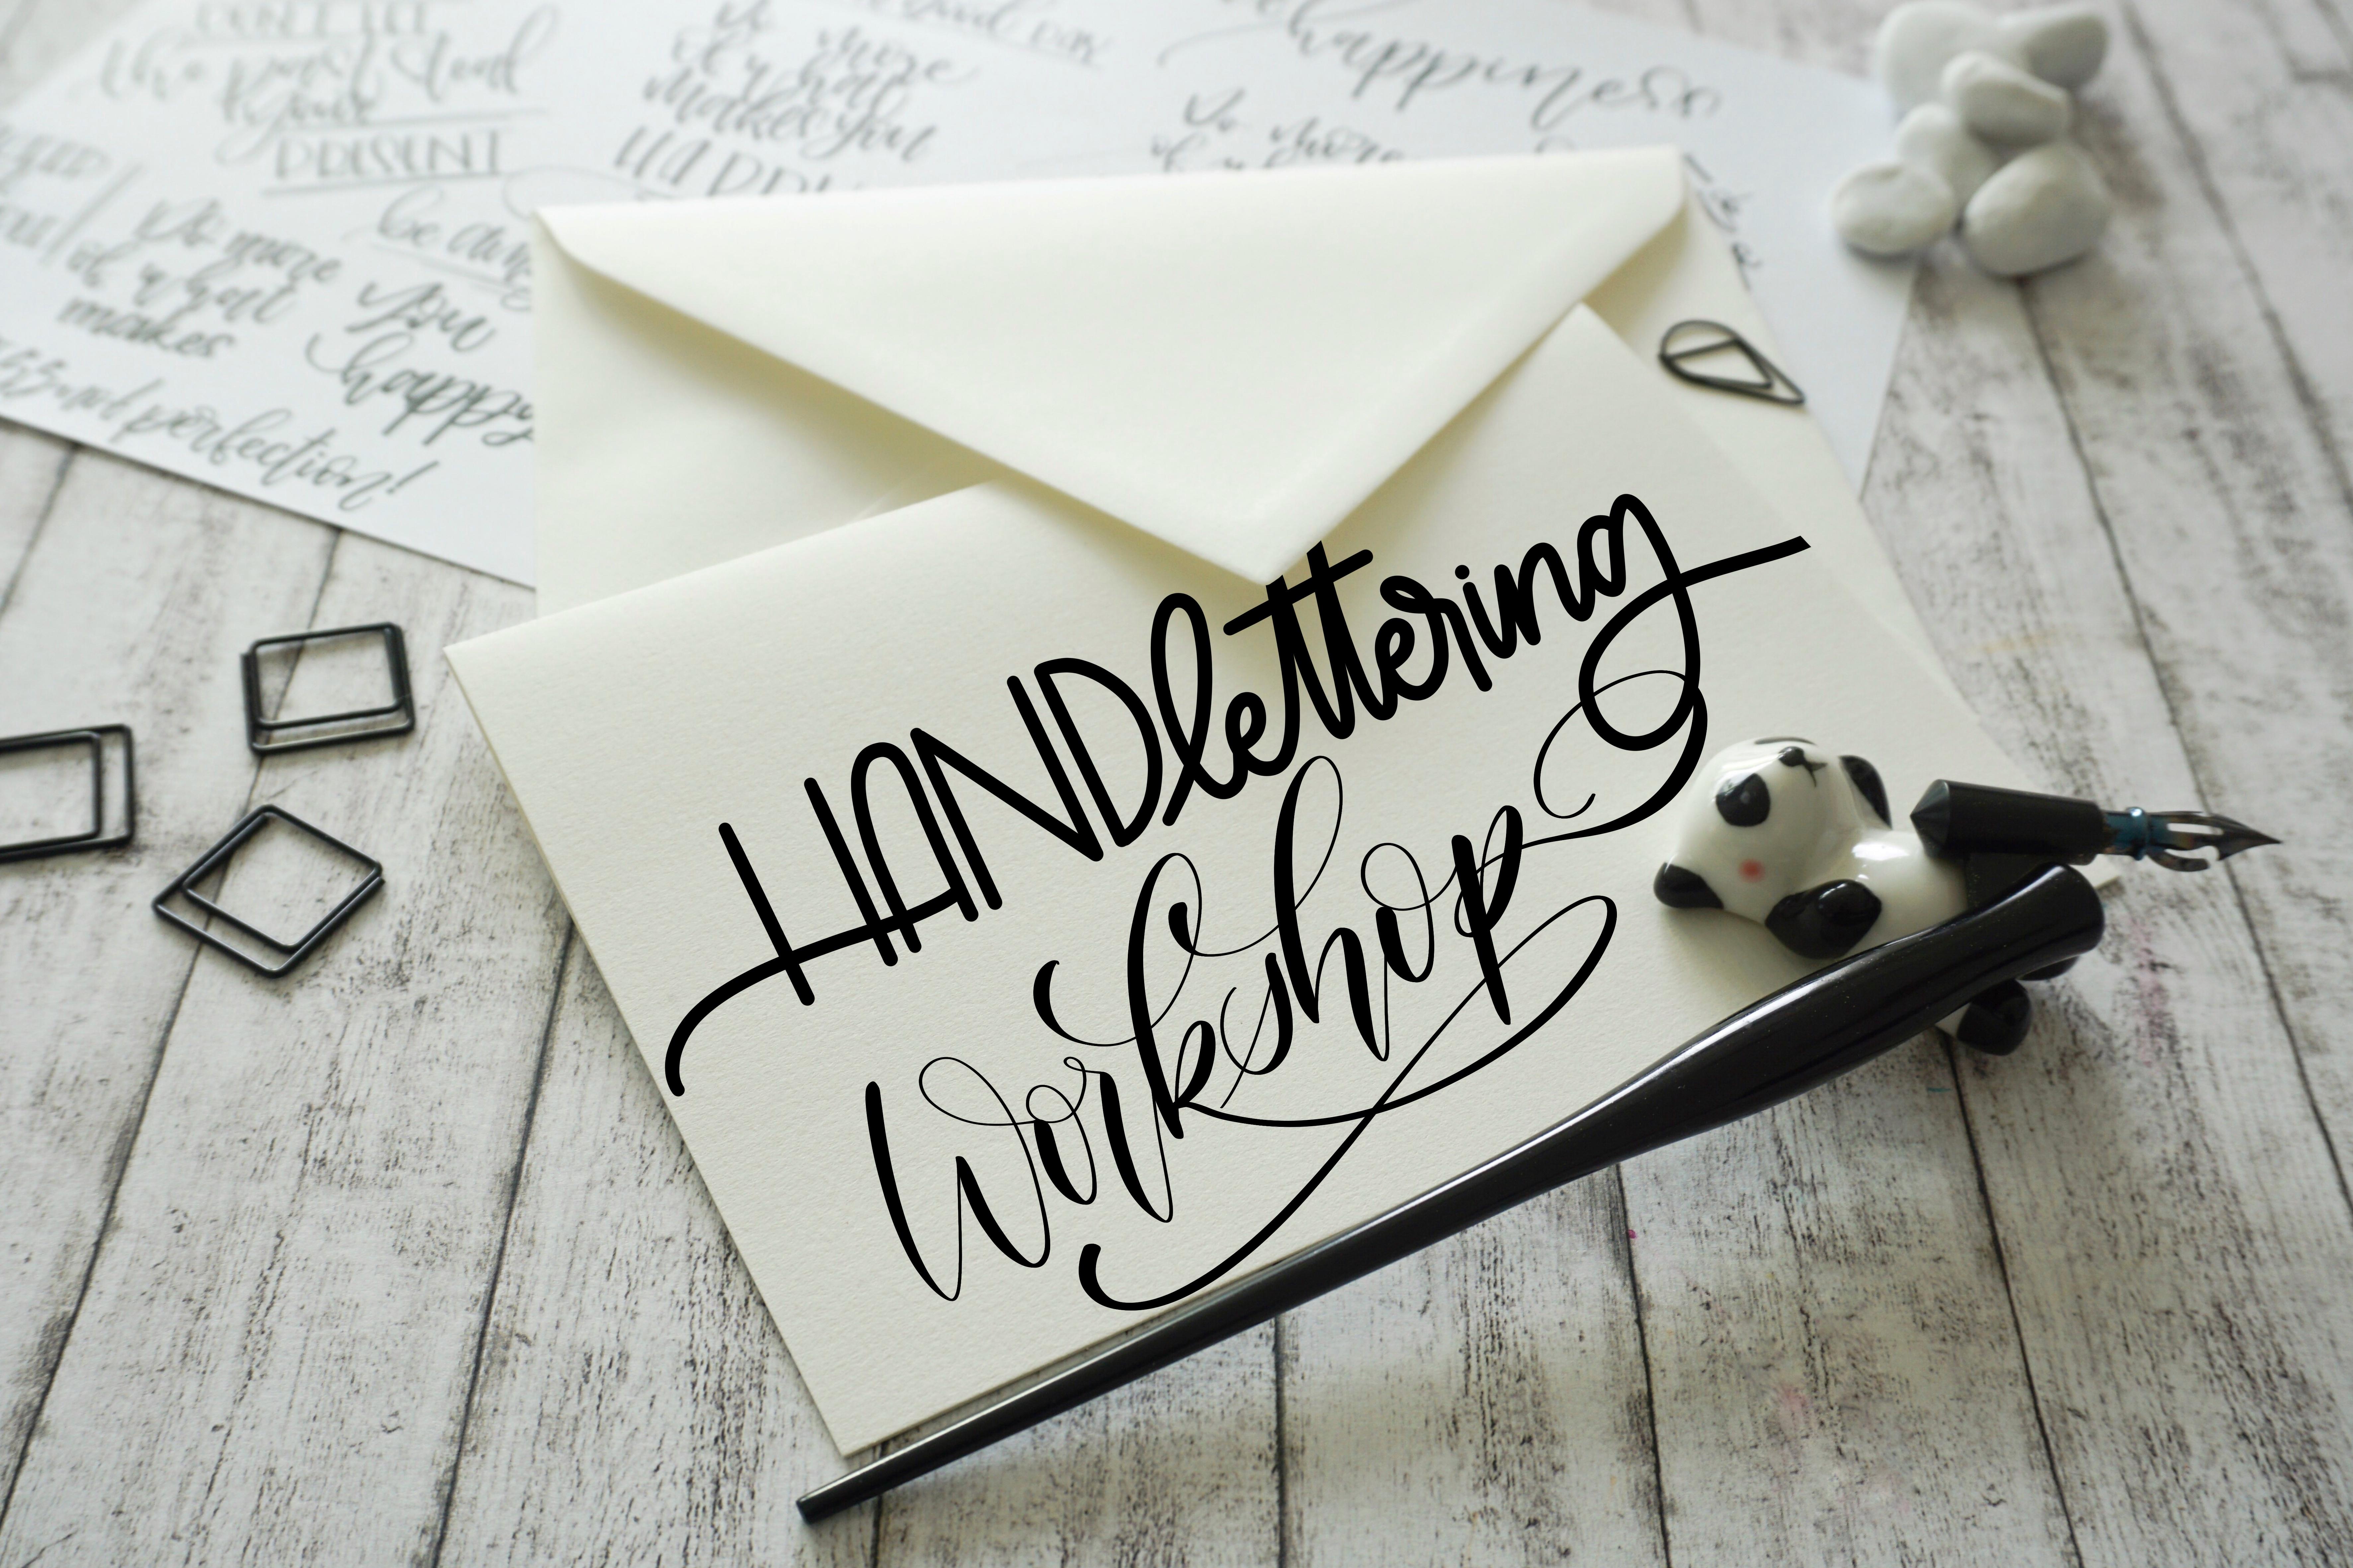 handlettering workshop | handlettering | aquarell | kurs | kurs in winterthur | handlettering kurs | aquarell kurs